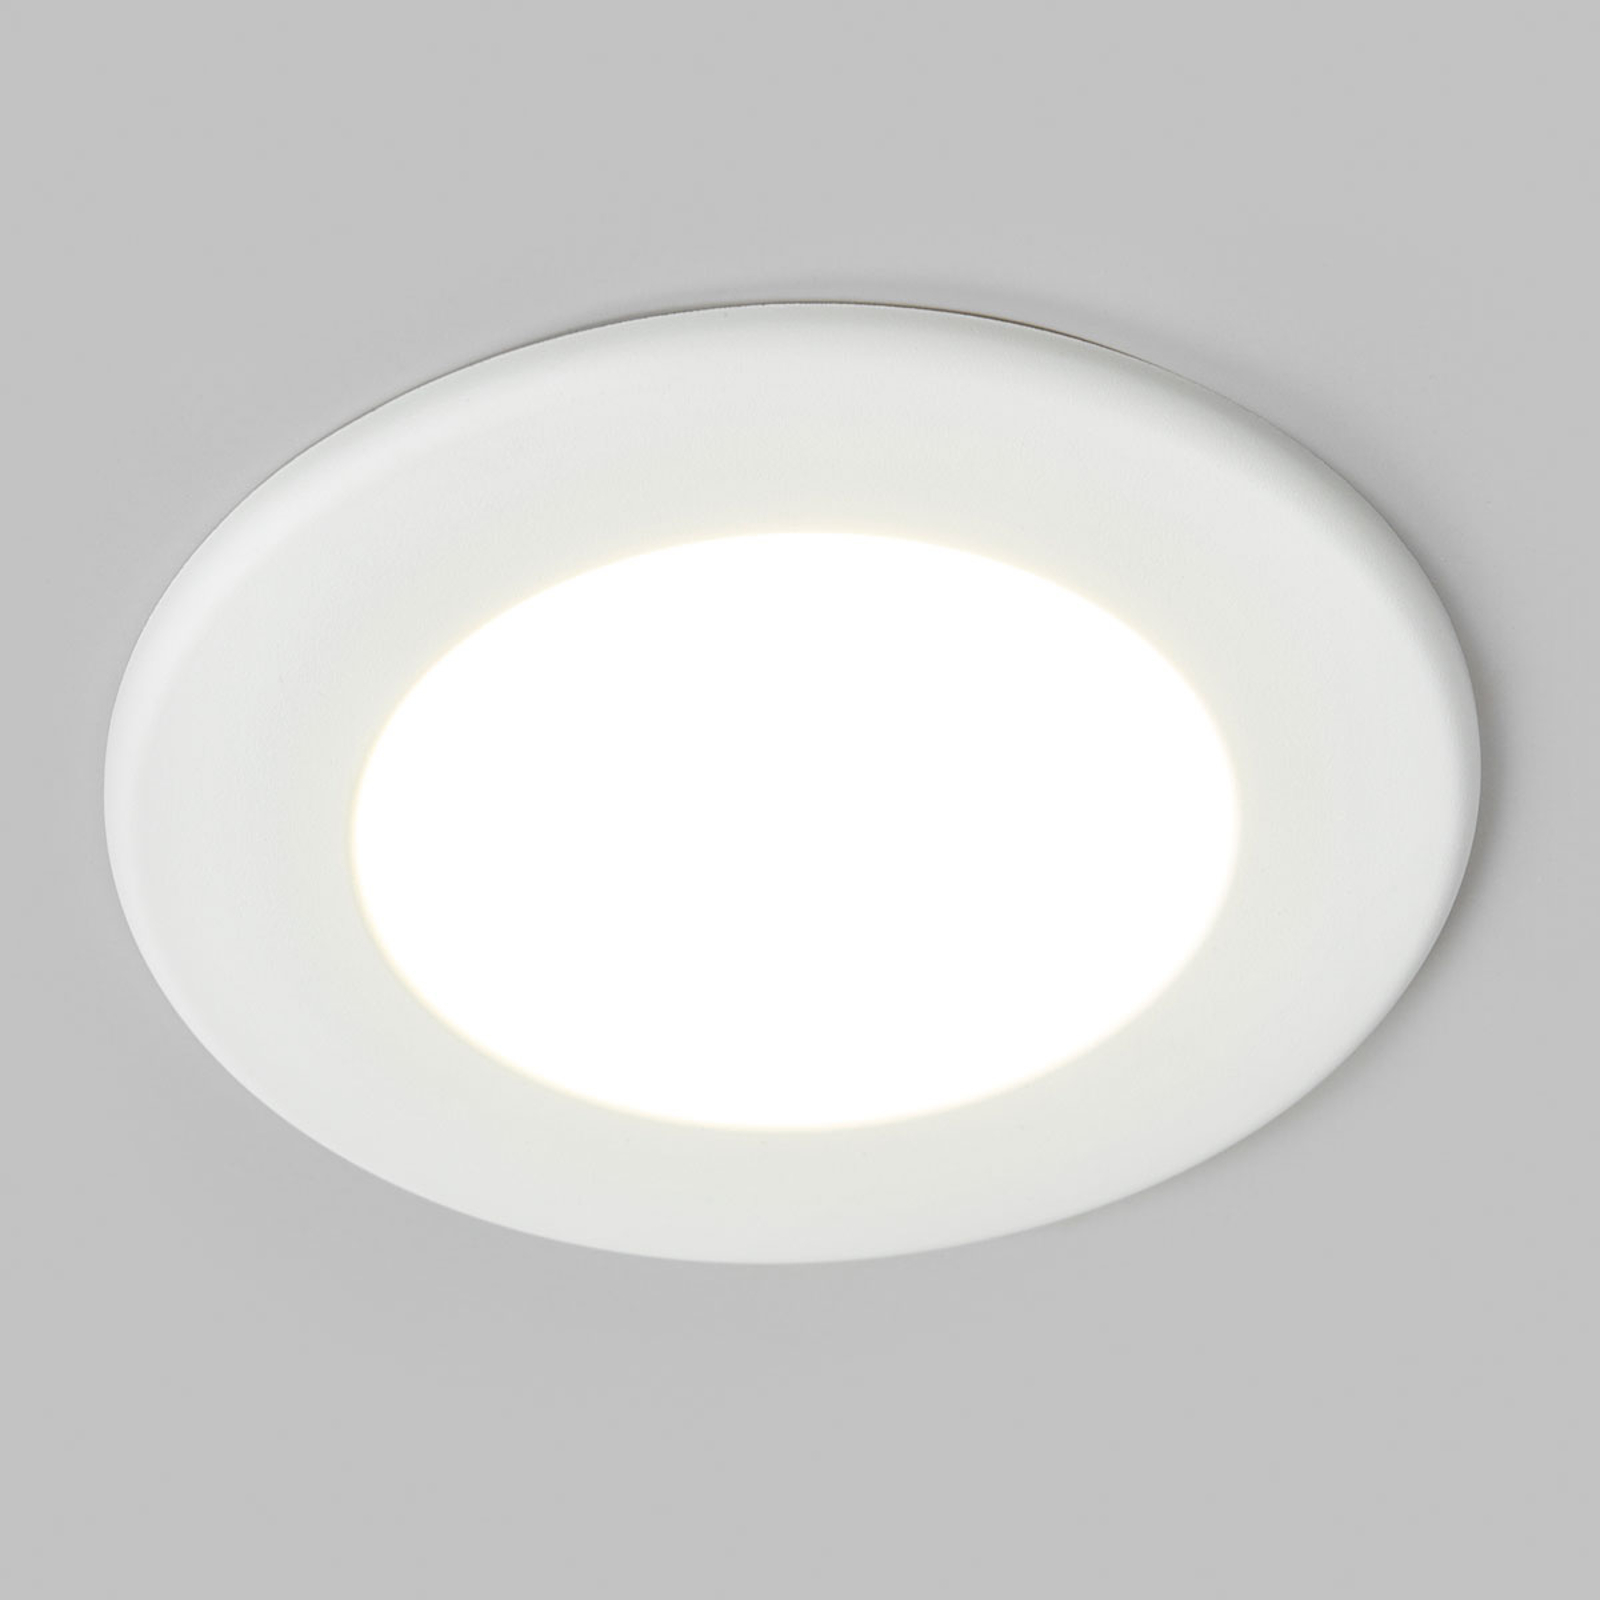 LED-innfelt spot Joki, hvit, 4000K rund 11,5cm